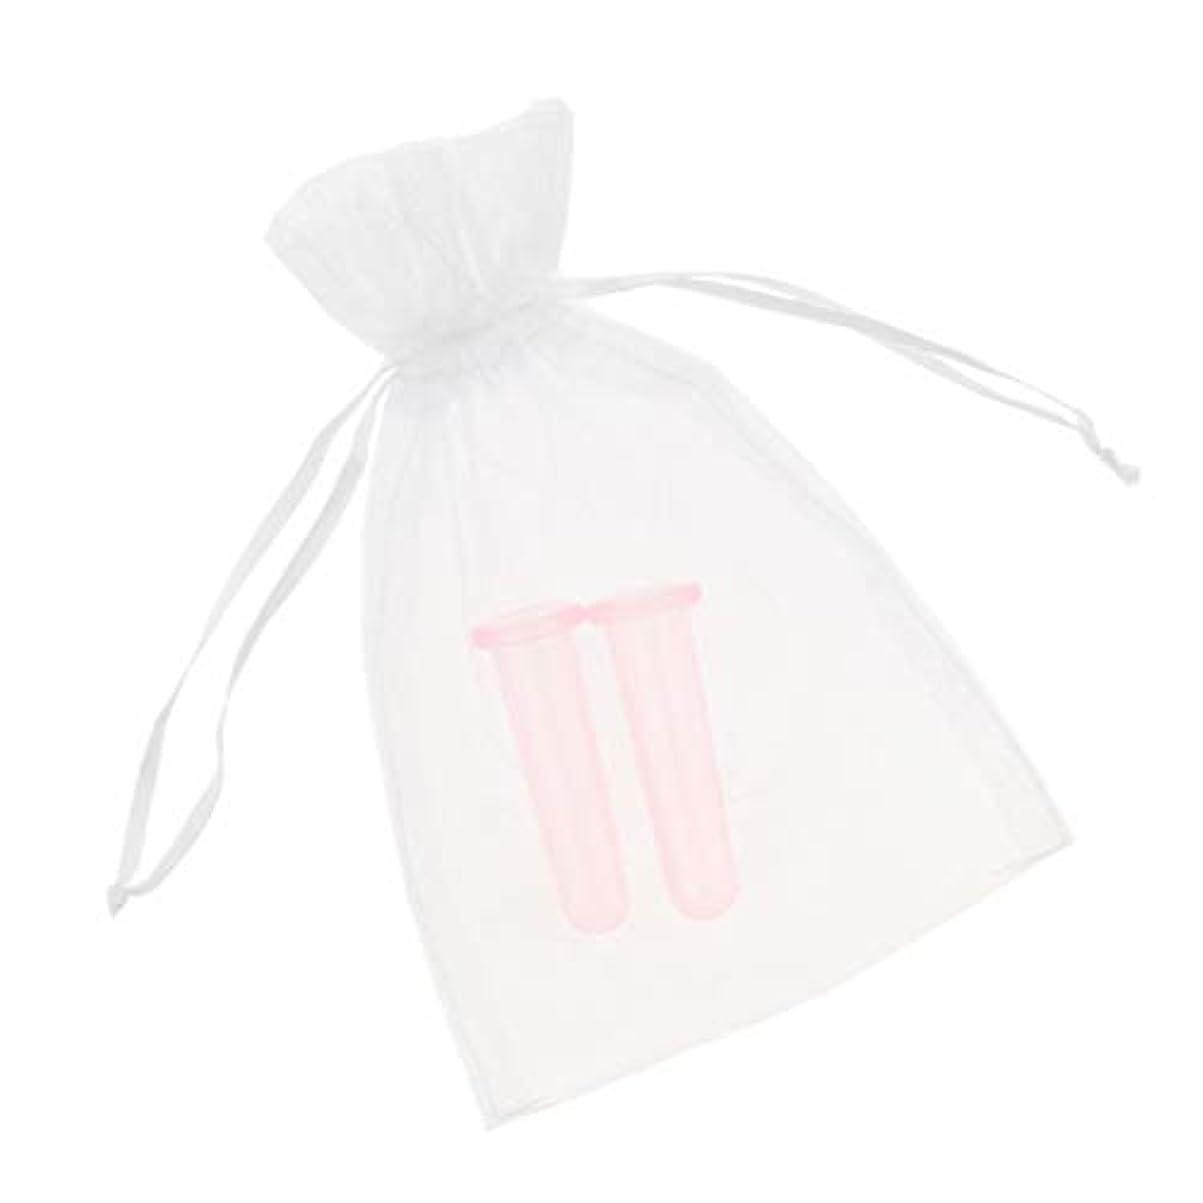 独立して雪の通常2個 真空顔用 シリコーン マッサージカップ 吸い玉 マッサージ カッピング 収納ポーチ付き 全2色 - ピンク